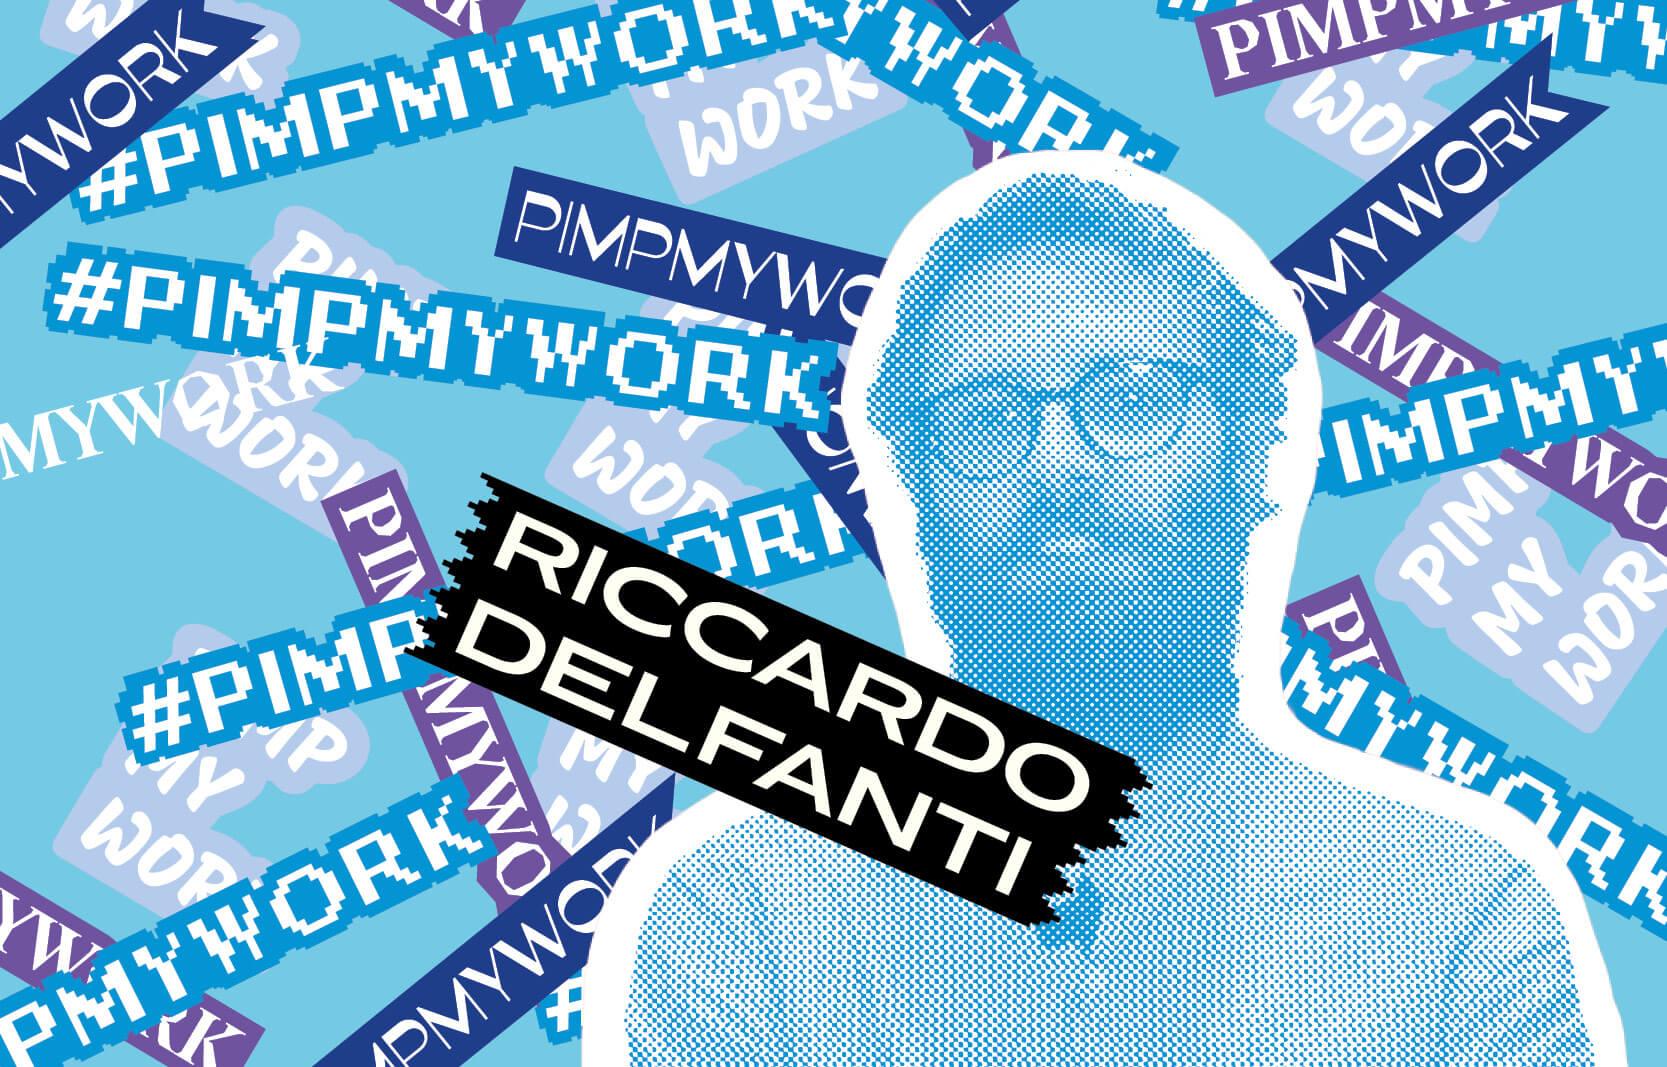 Riccardo Delfanti